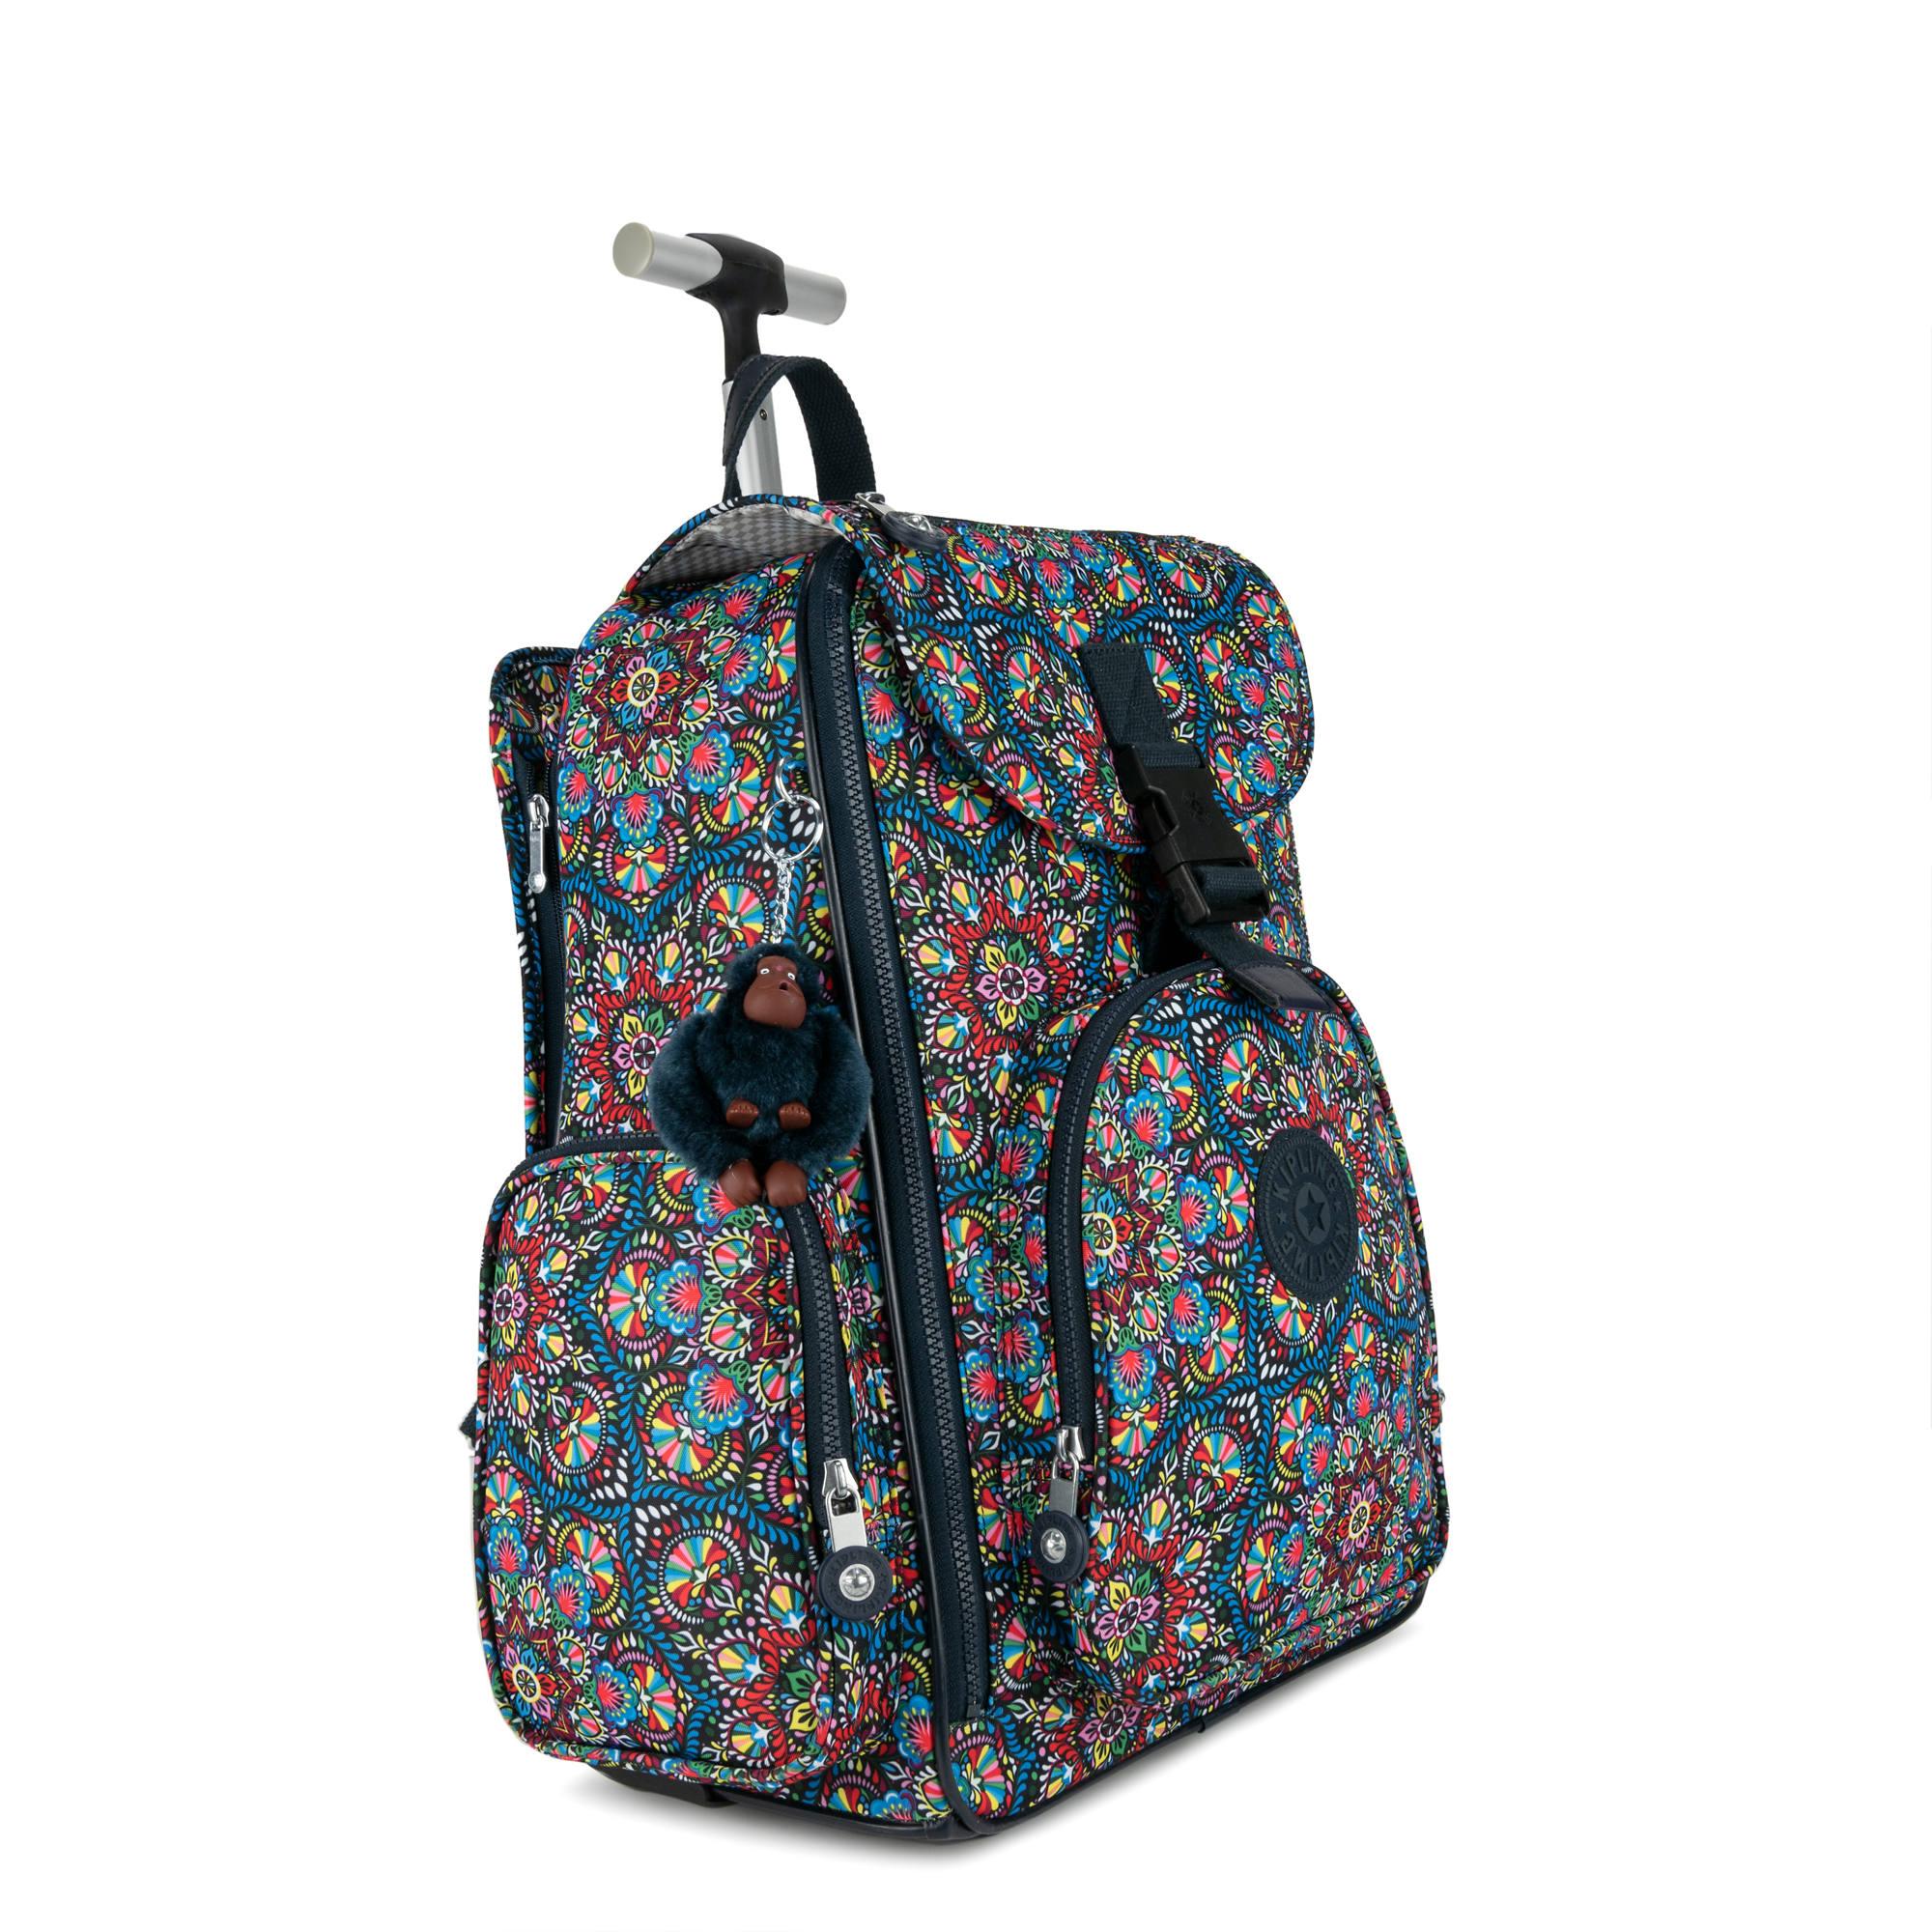 Kipling Alcatraz Ii Large Rolling Laptop Backpack Ebay